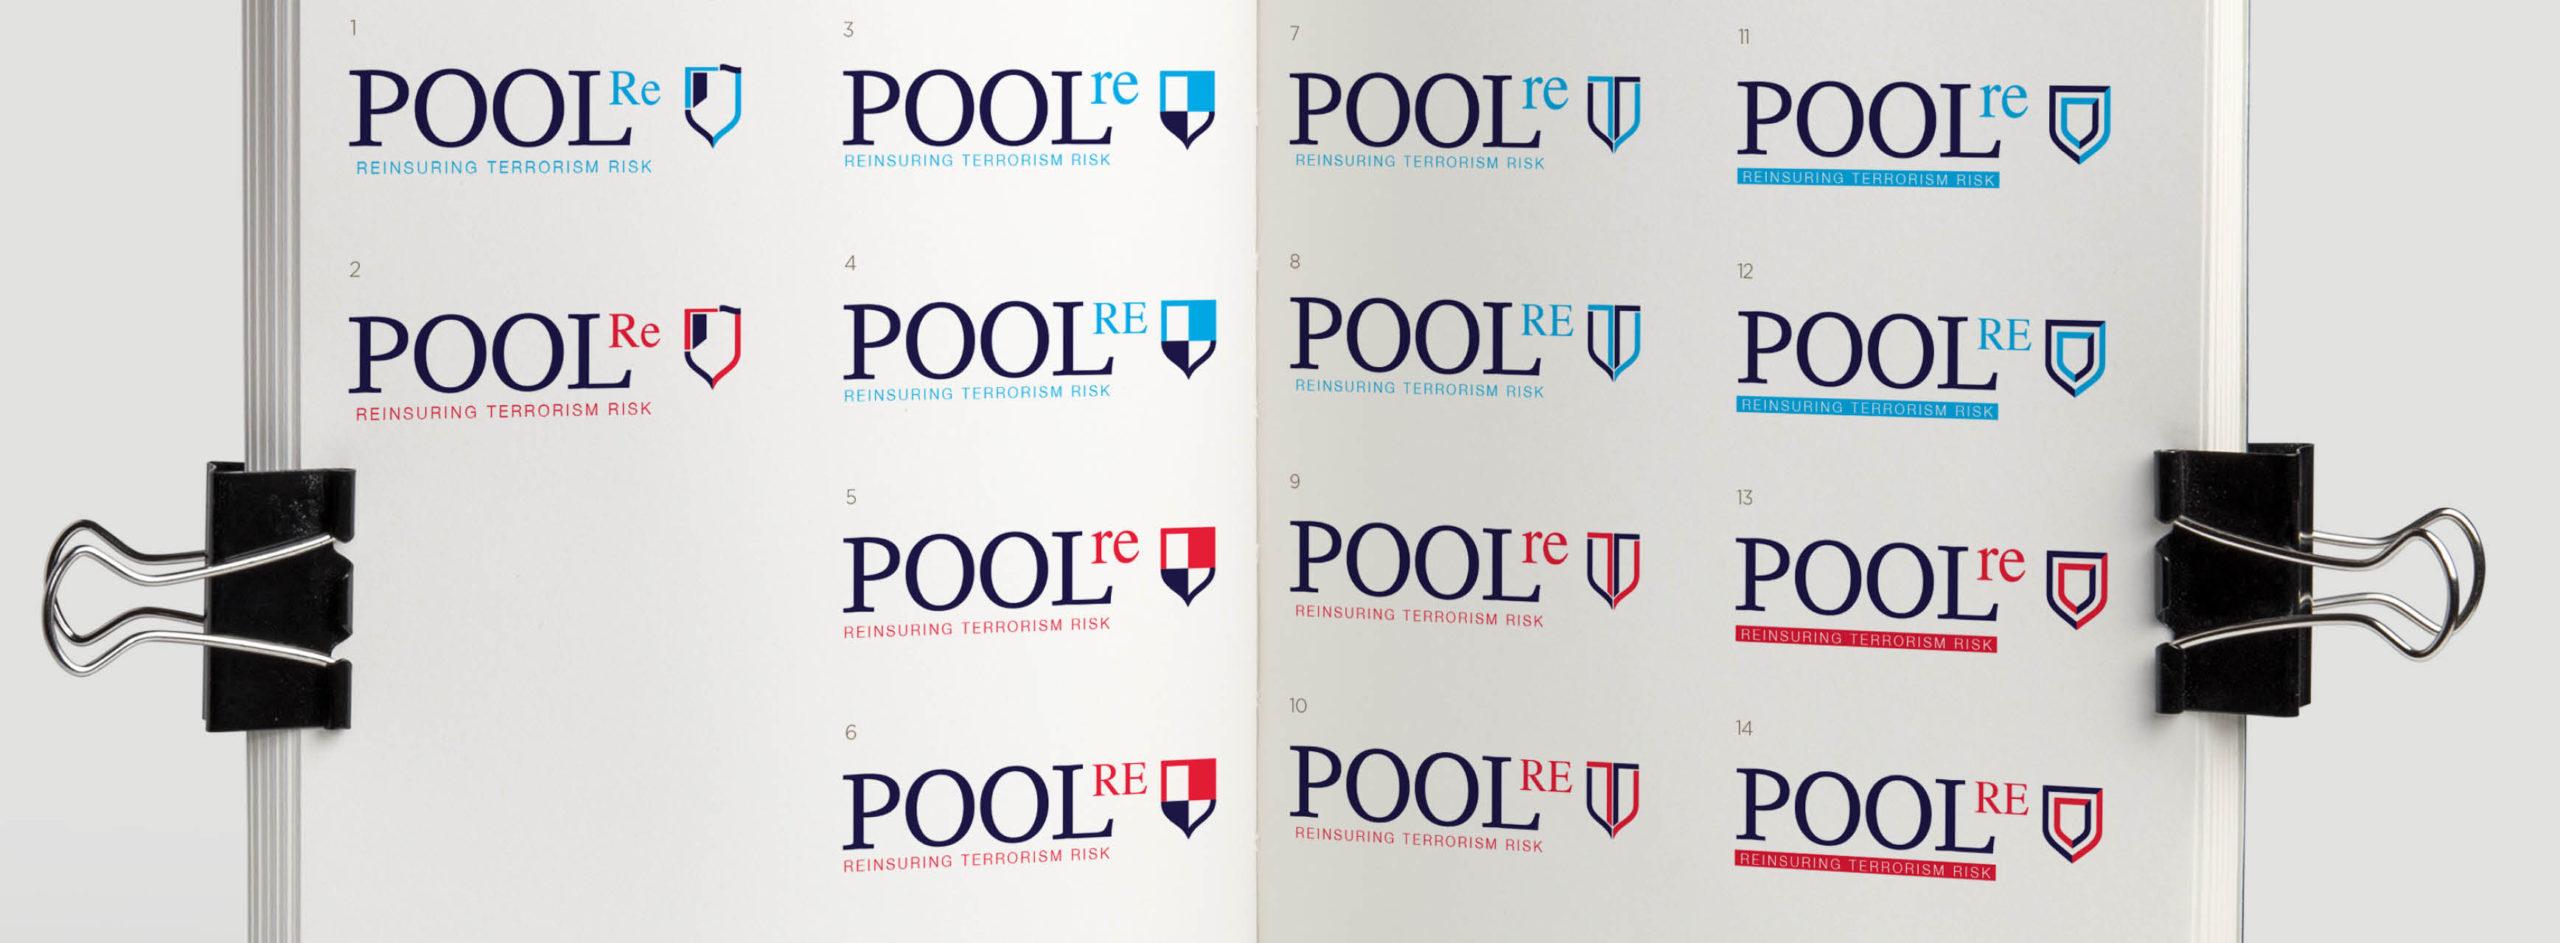 Pool Re branding, logo design, new logo, insurance branding and design